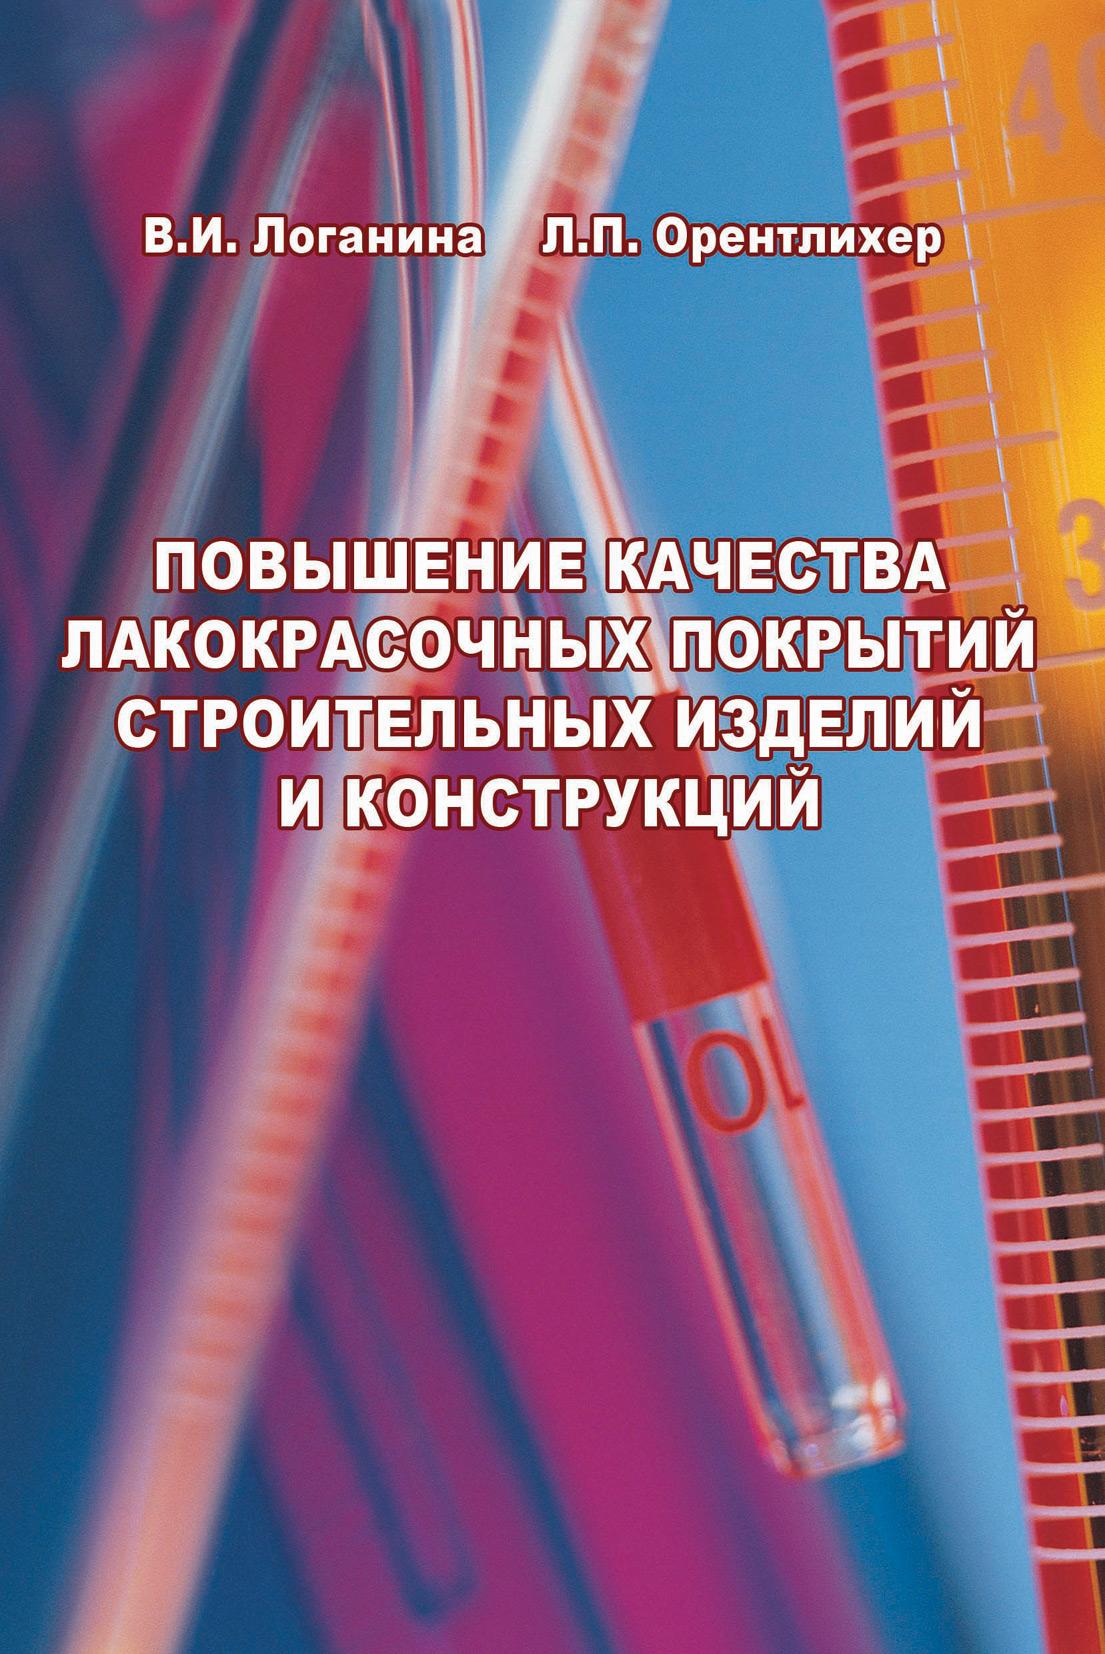 Валентина Логанина Повышение качества лакокрасочных покрытий строительных изделий и конструкций. Научное издание